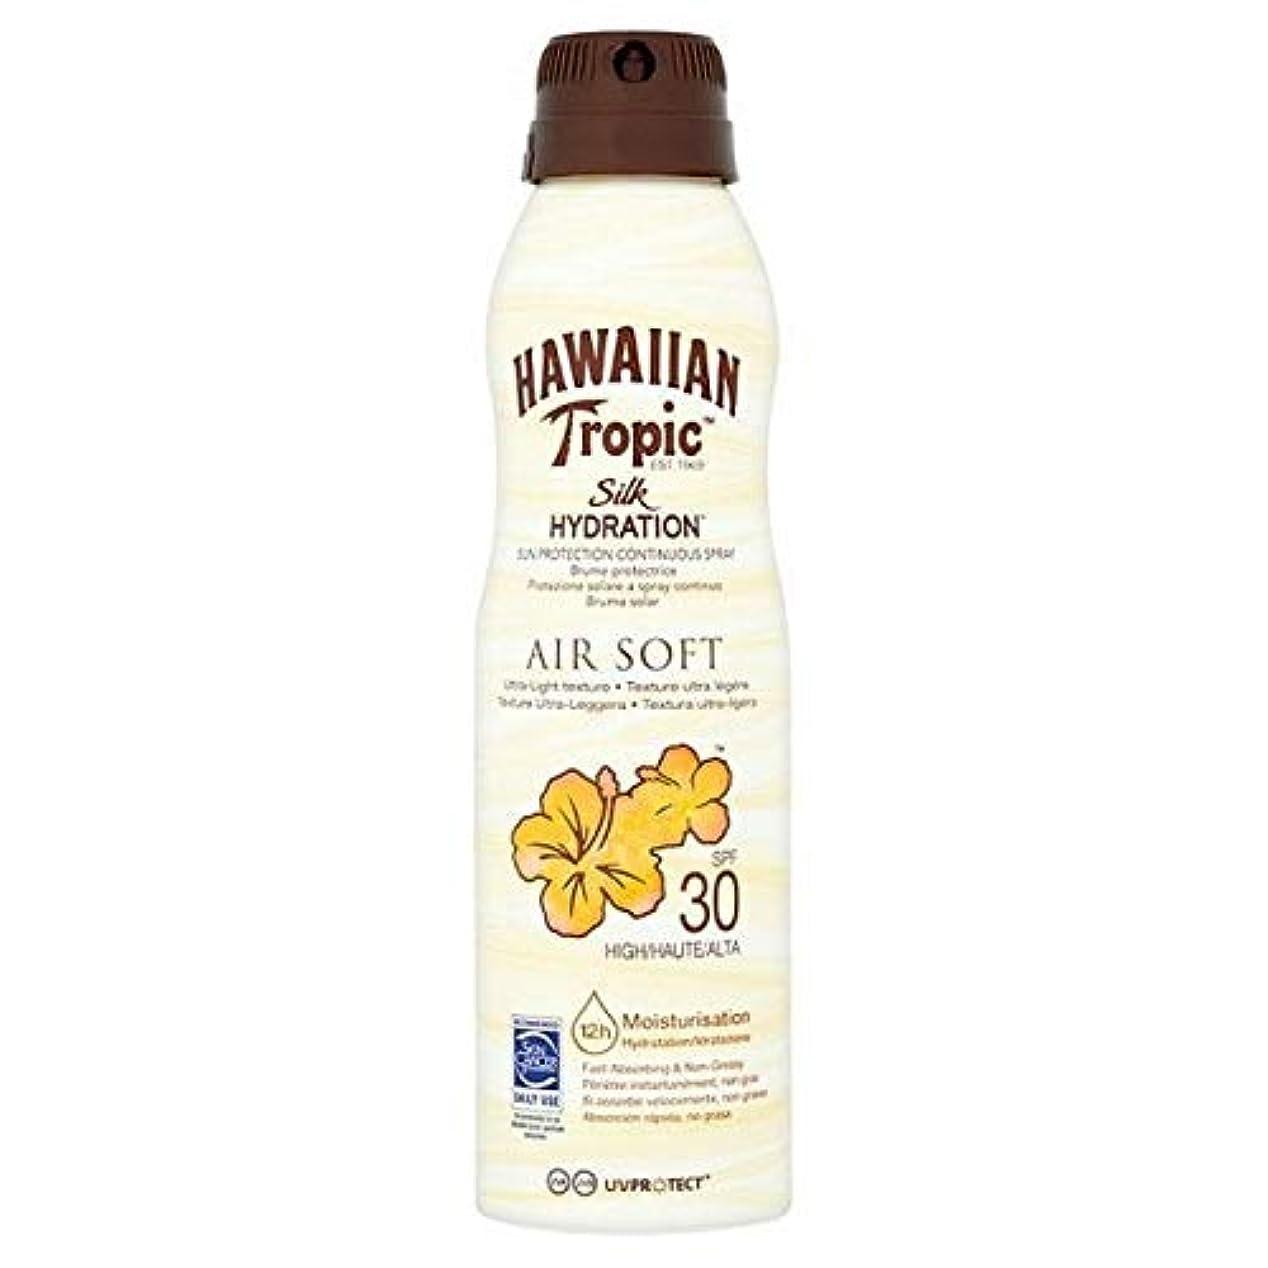 真鍮推進、動かすエミュレーション[Hawaiian Tropic ] H /向性絹水和エアガン連続スプレーSpf30の177ミリリットル - H/Tropic Silk Hydration Airsoft Continuous Spray SPF30 177ml [並行輸入品]